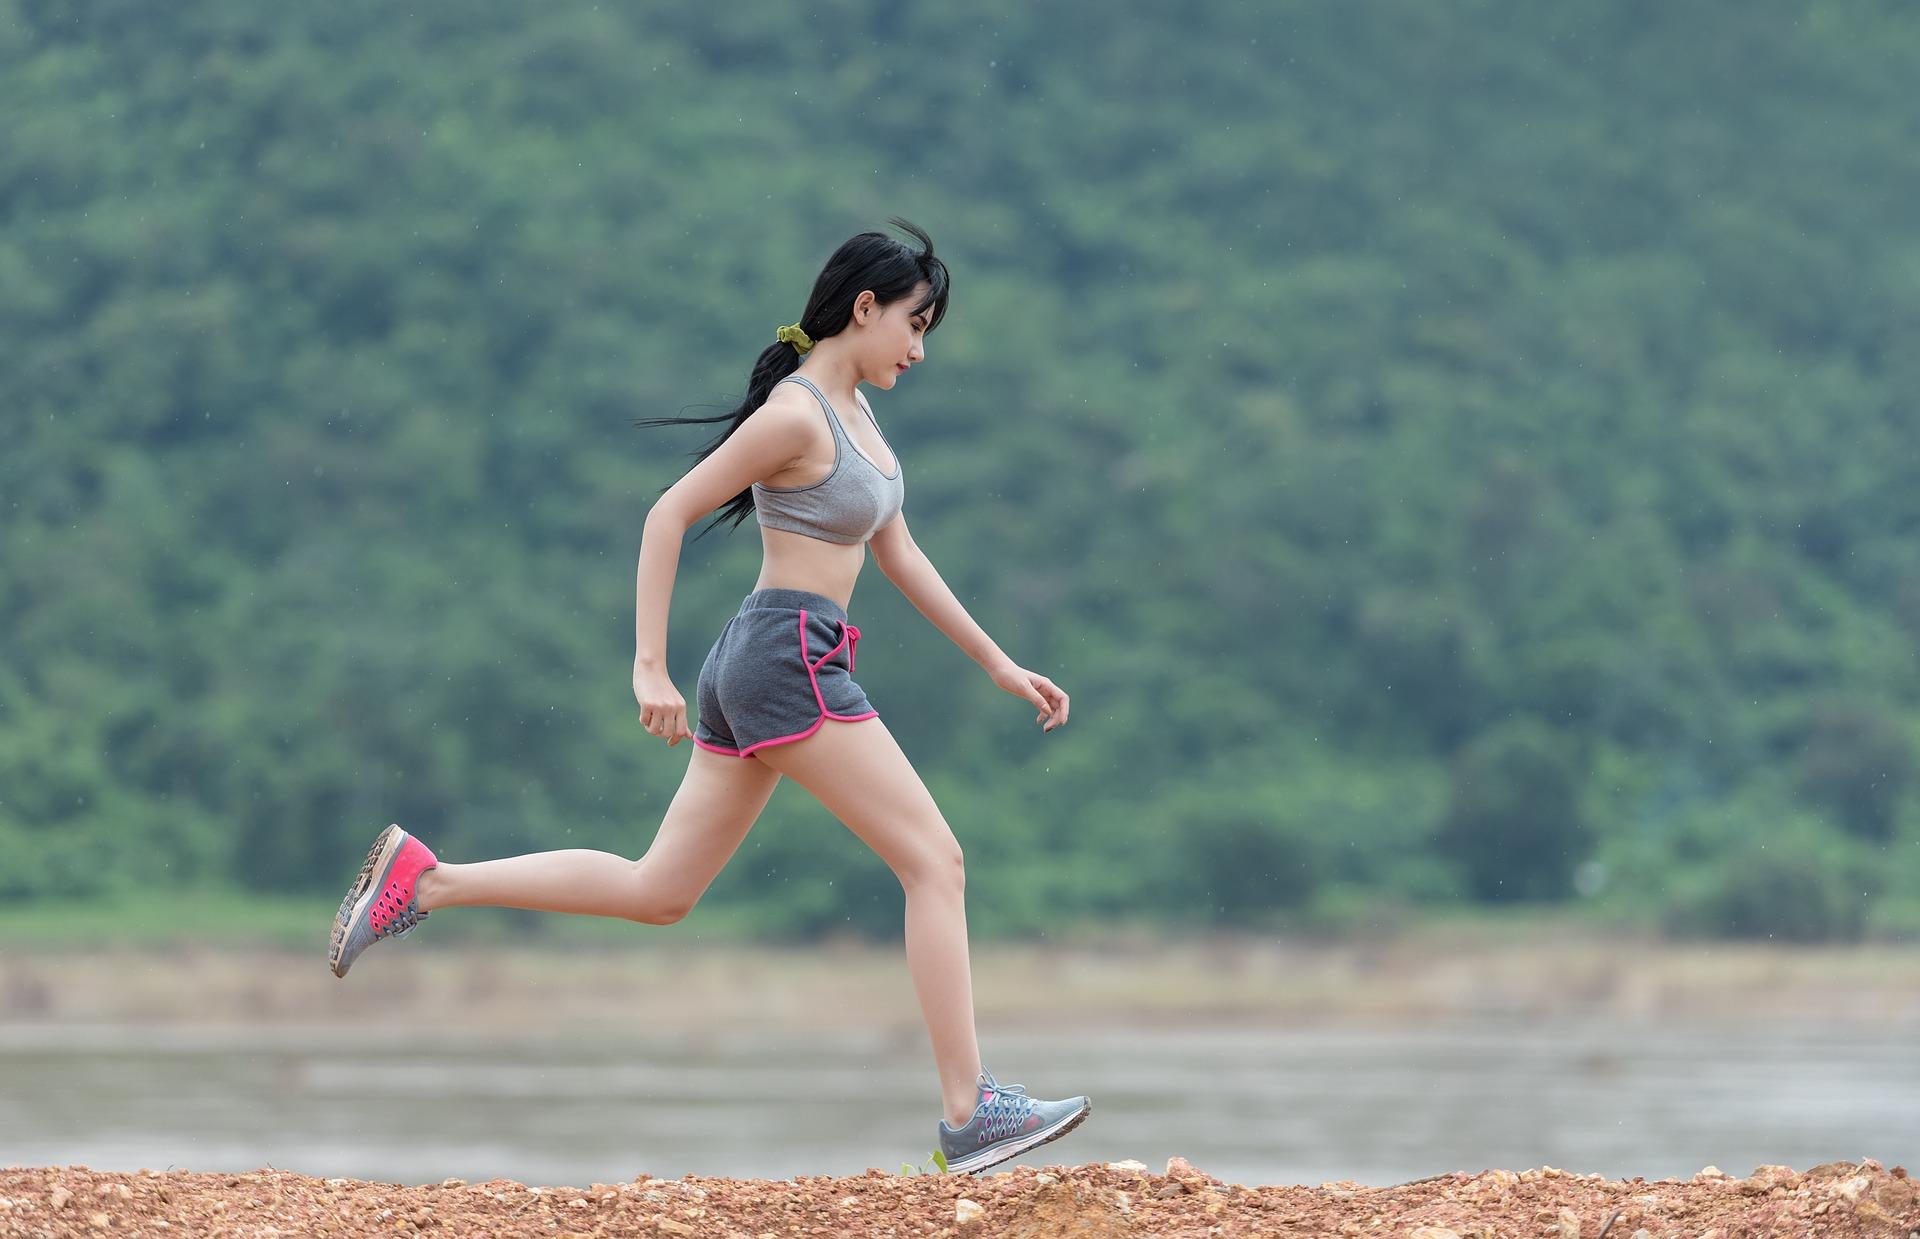 Continua ad allenarti